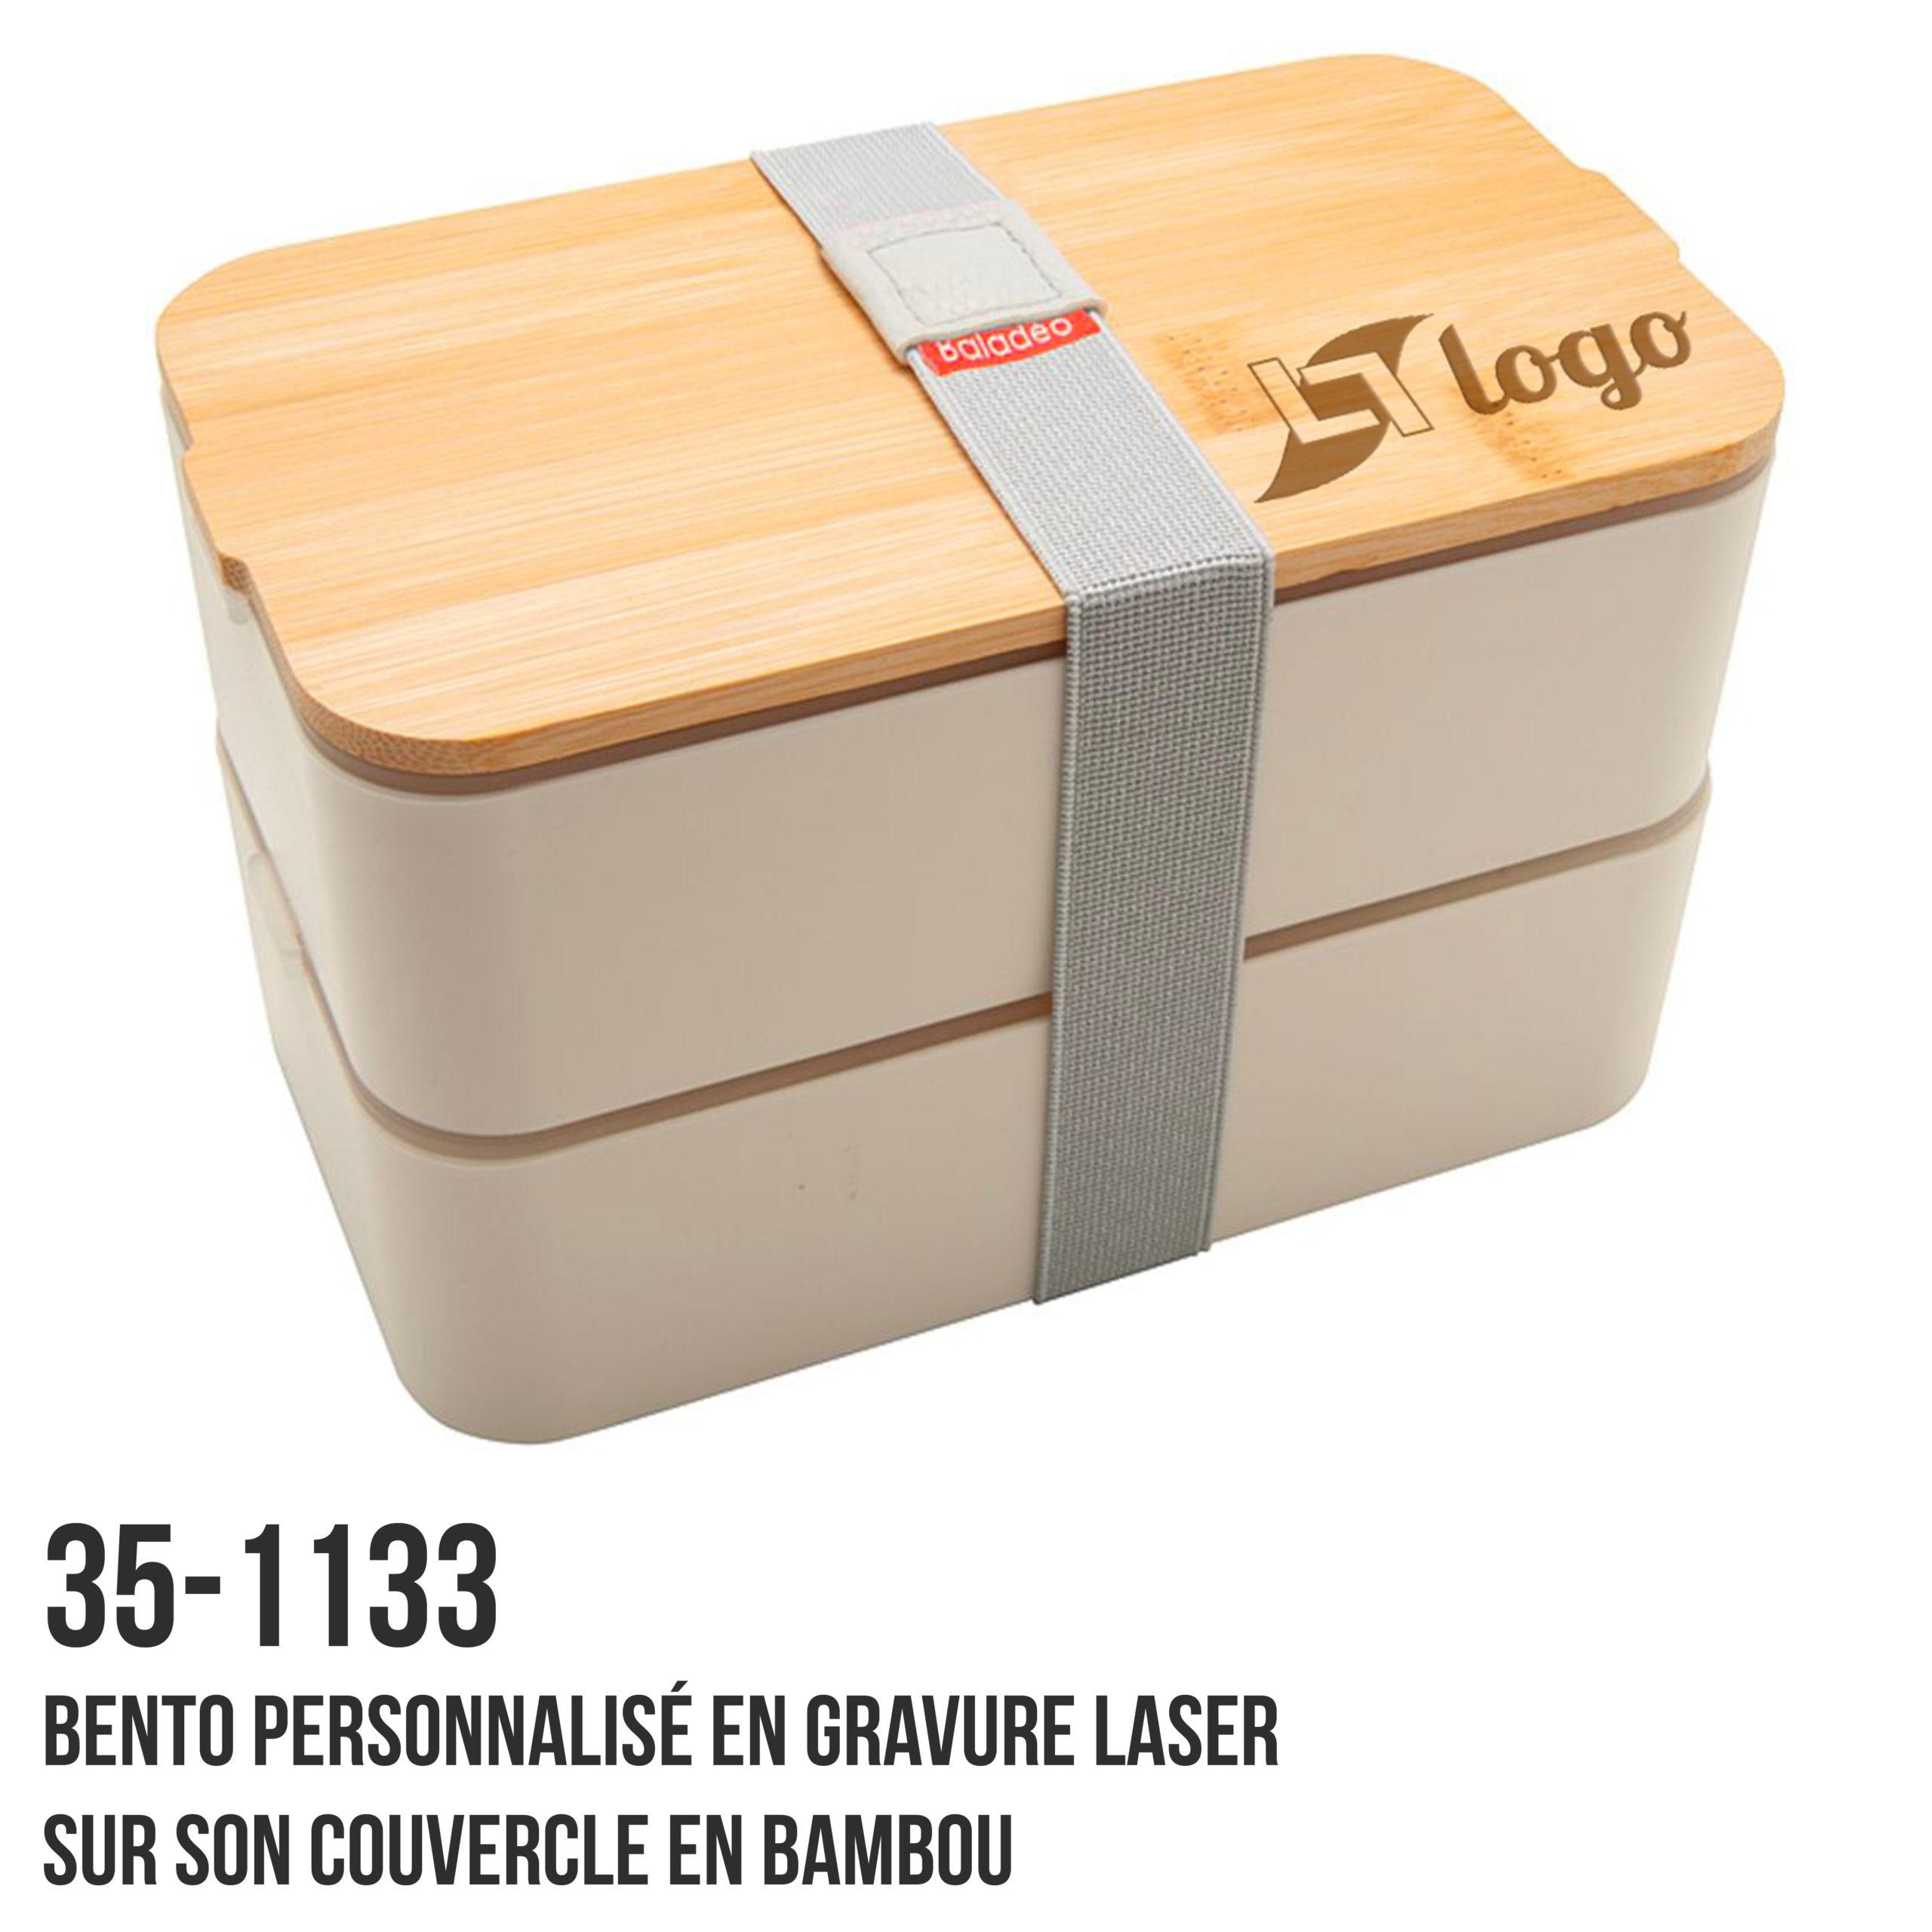 Bento personnalisé avec gravure laser sur le couvercle en bambou